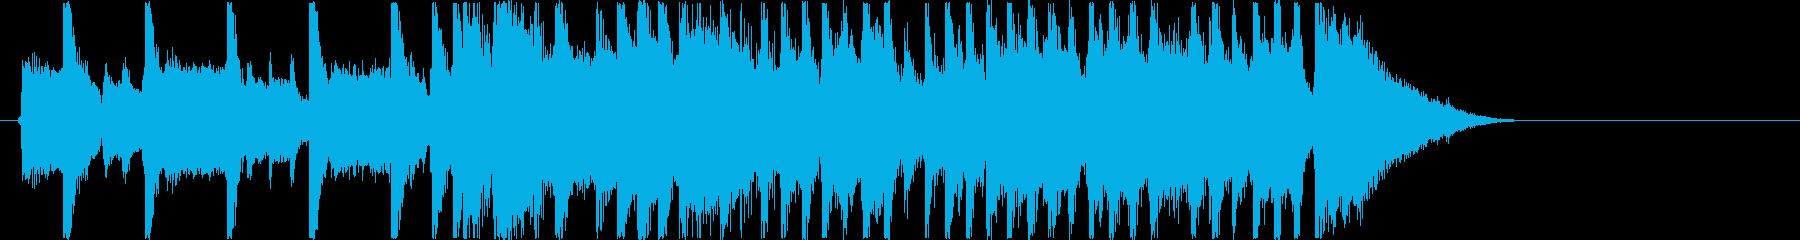 キャッチーでリズミカルなロックジングルの再生済みの波形